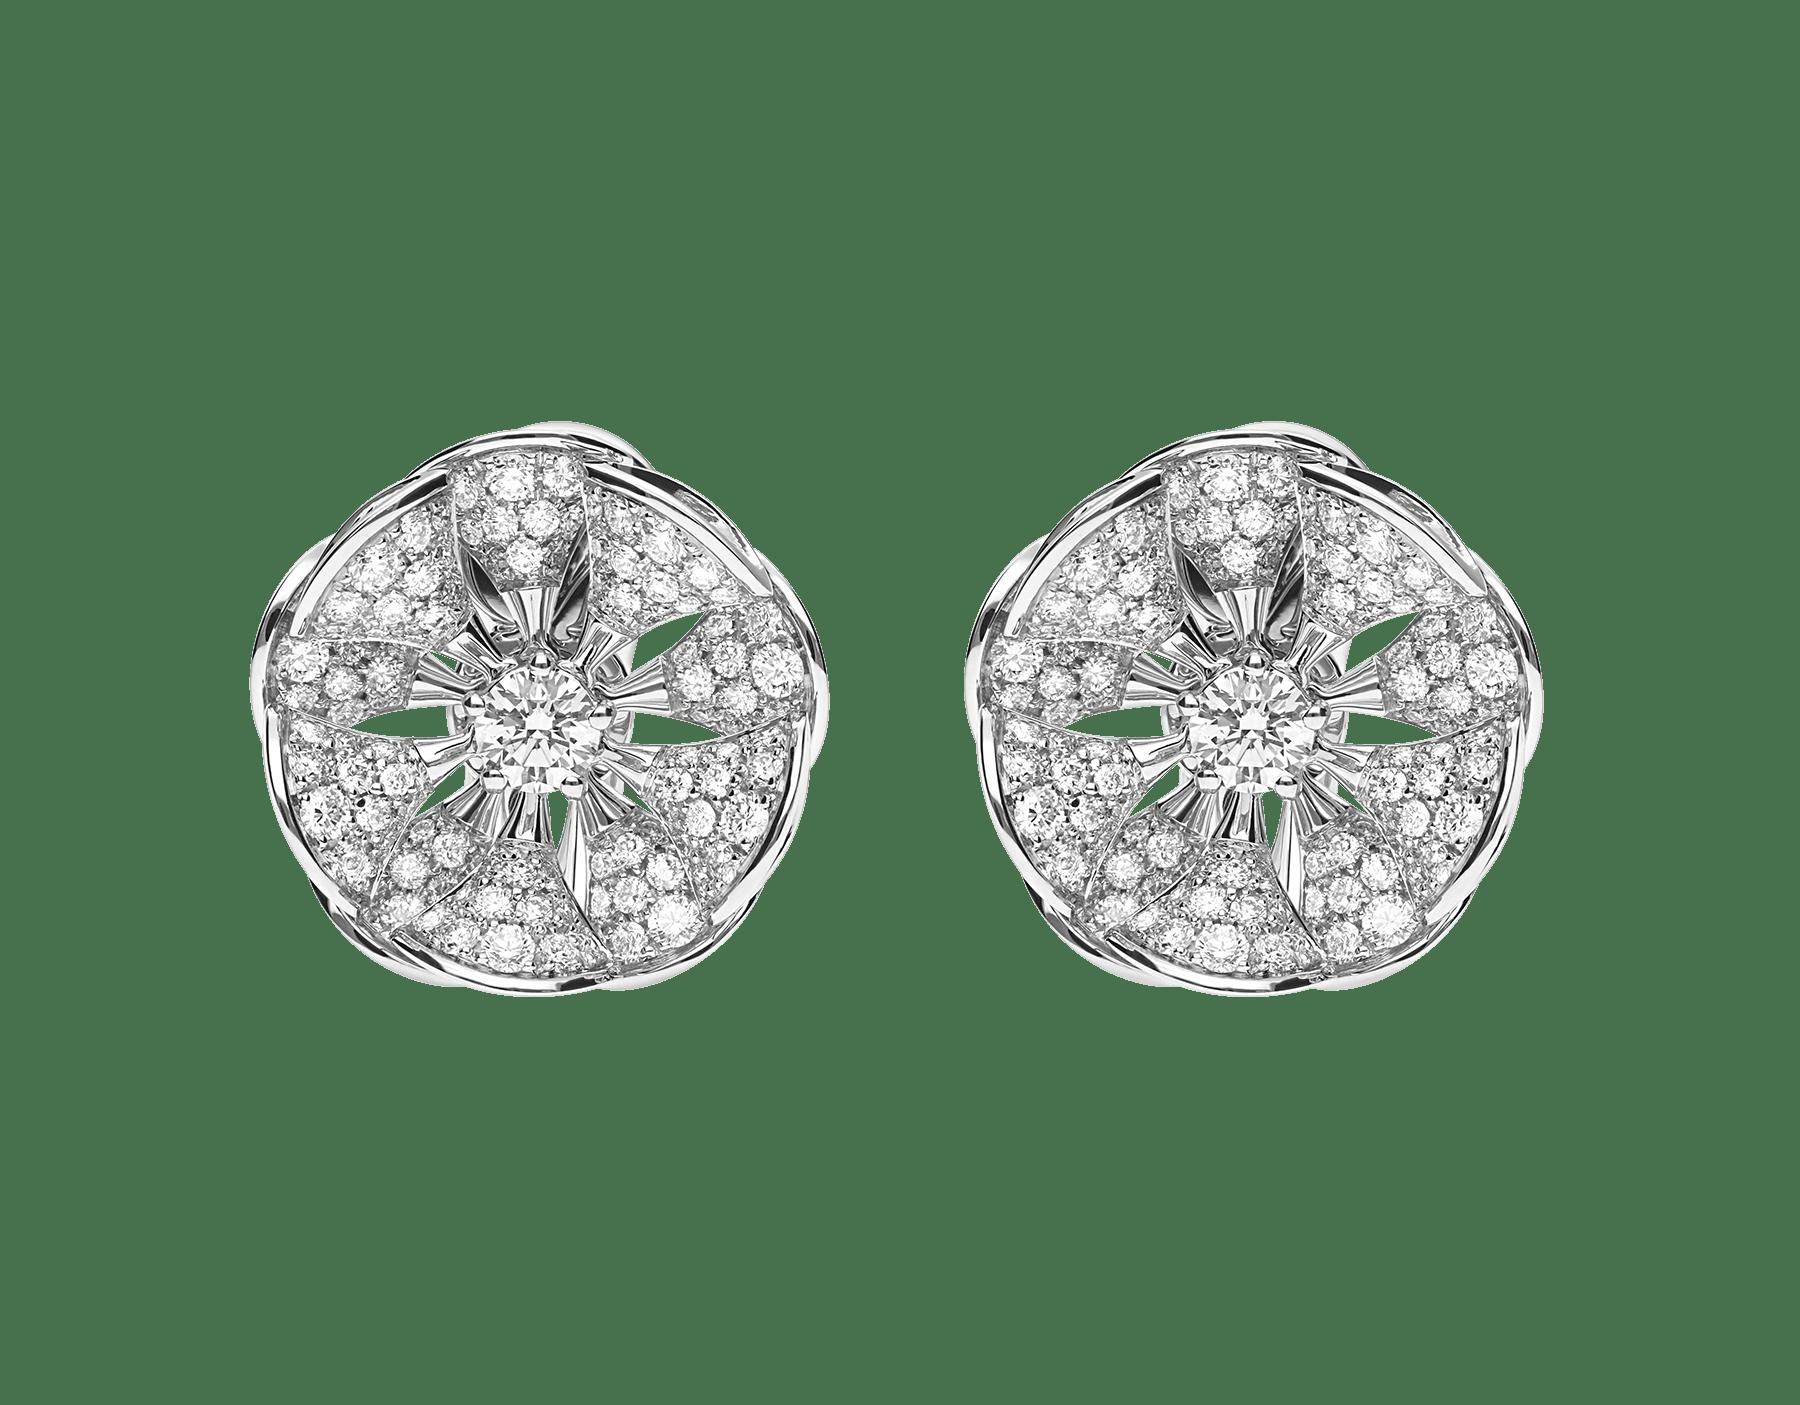 Les boucles d'oreilles DIVAS' DREAM règnent en reines sur le jardin du glamour en se parant d'or blanc et de pétales en pavé diamants à l'élégance florale. 350785 image 1